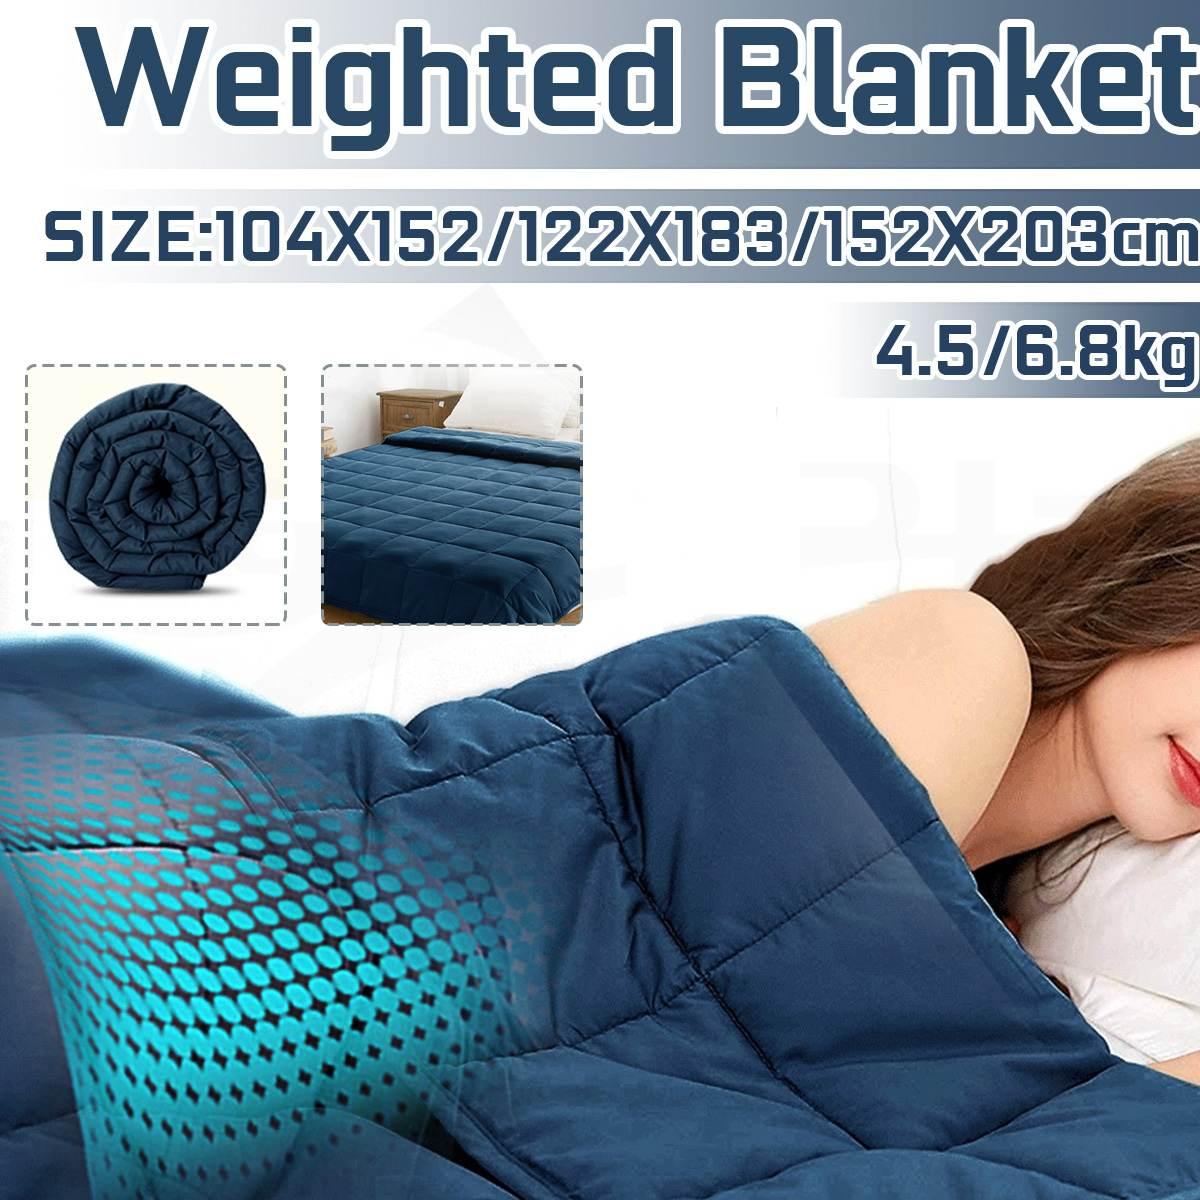 Cobertura ponderada para crianças adulto cobertores cobertor de dormir macio cobertor pesado descompressão sleep aid pressão ponderada colcha|Cobertores| |  - title=